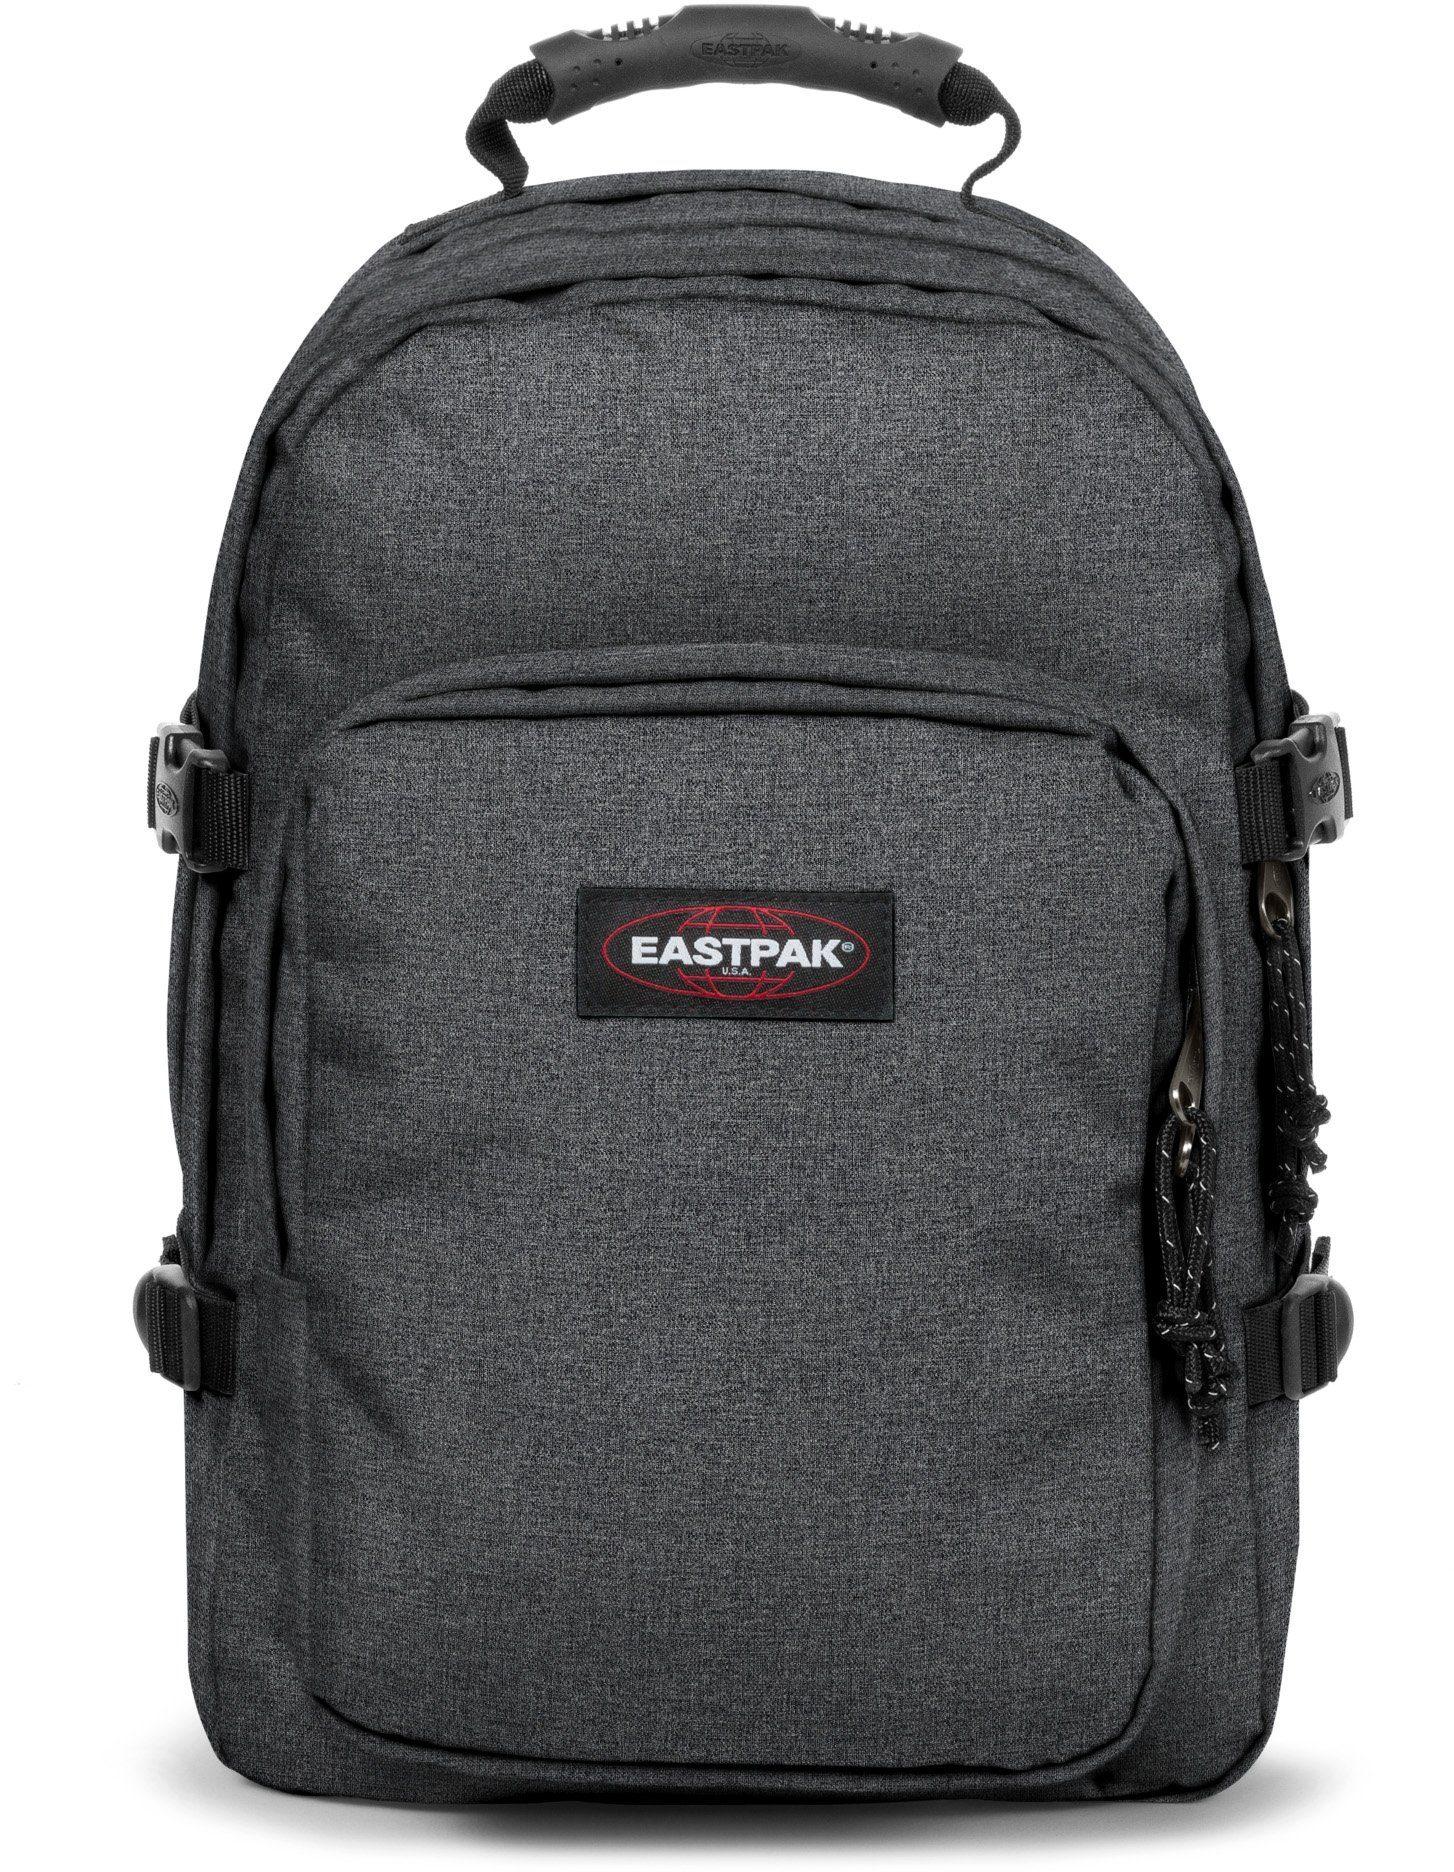 Eastpak Rucksack mit Laptopfach, »PROVIDER black denim«